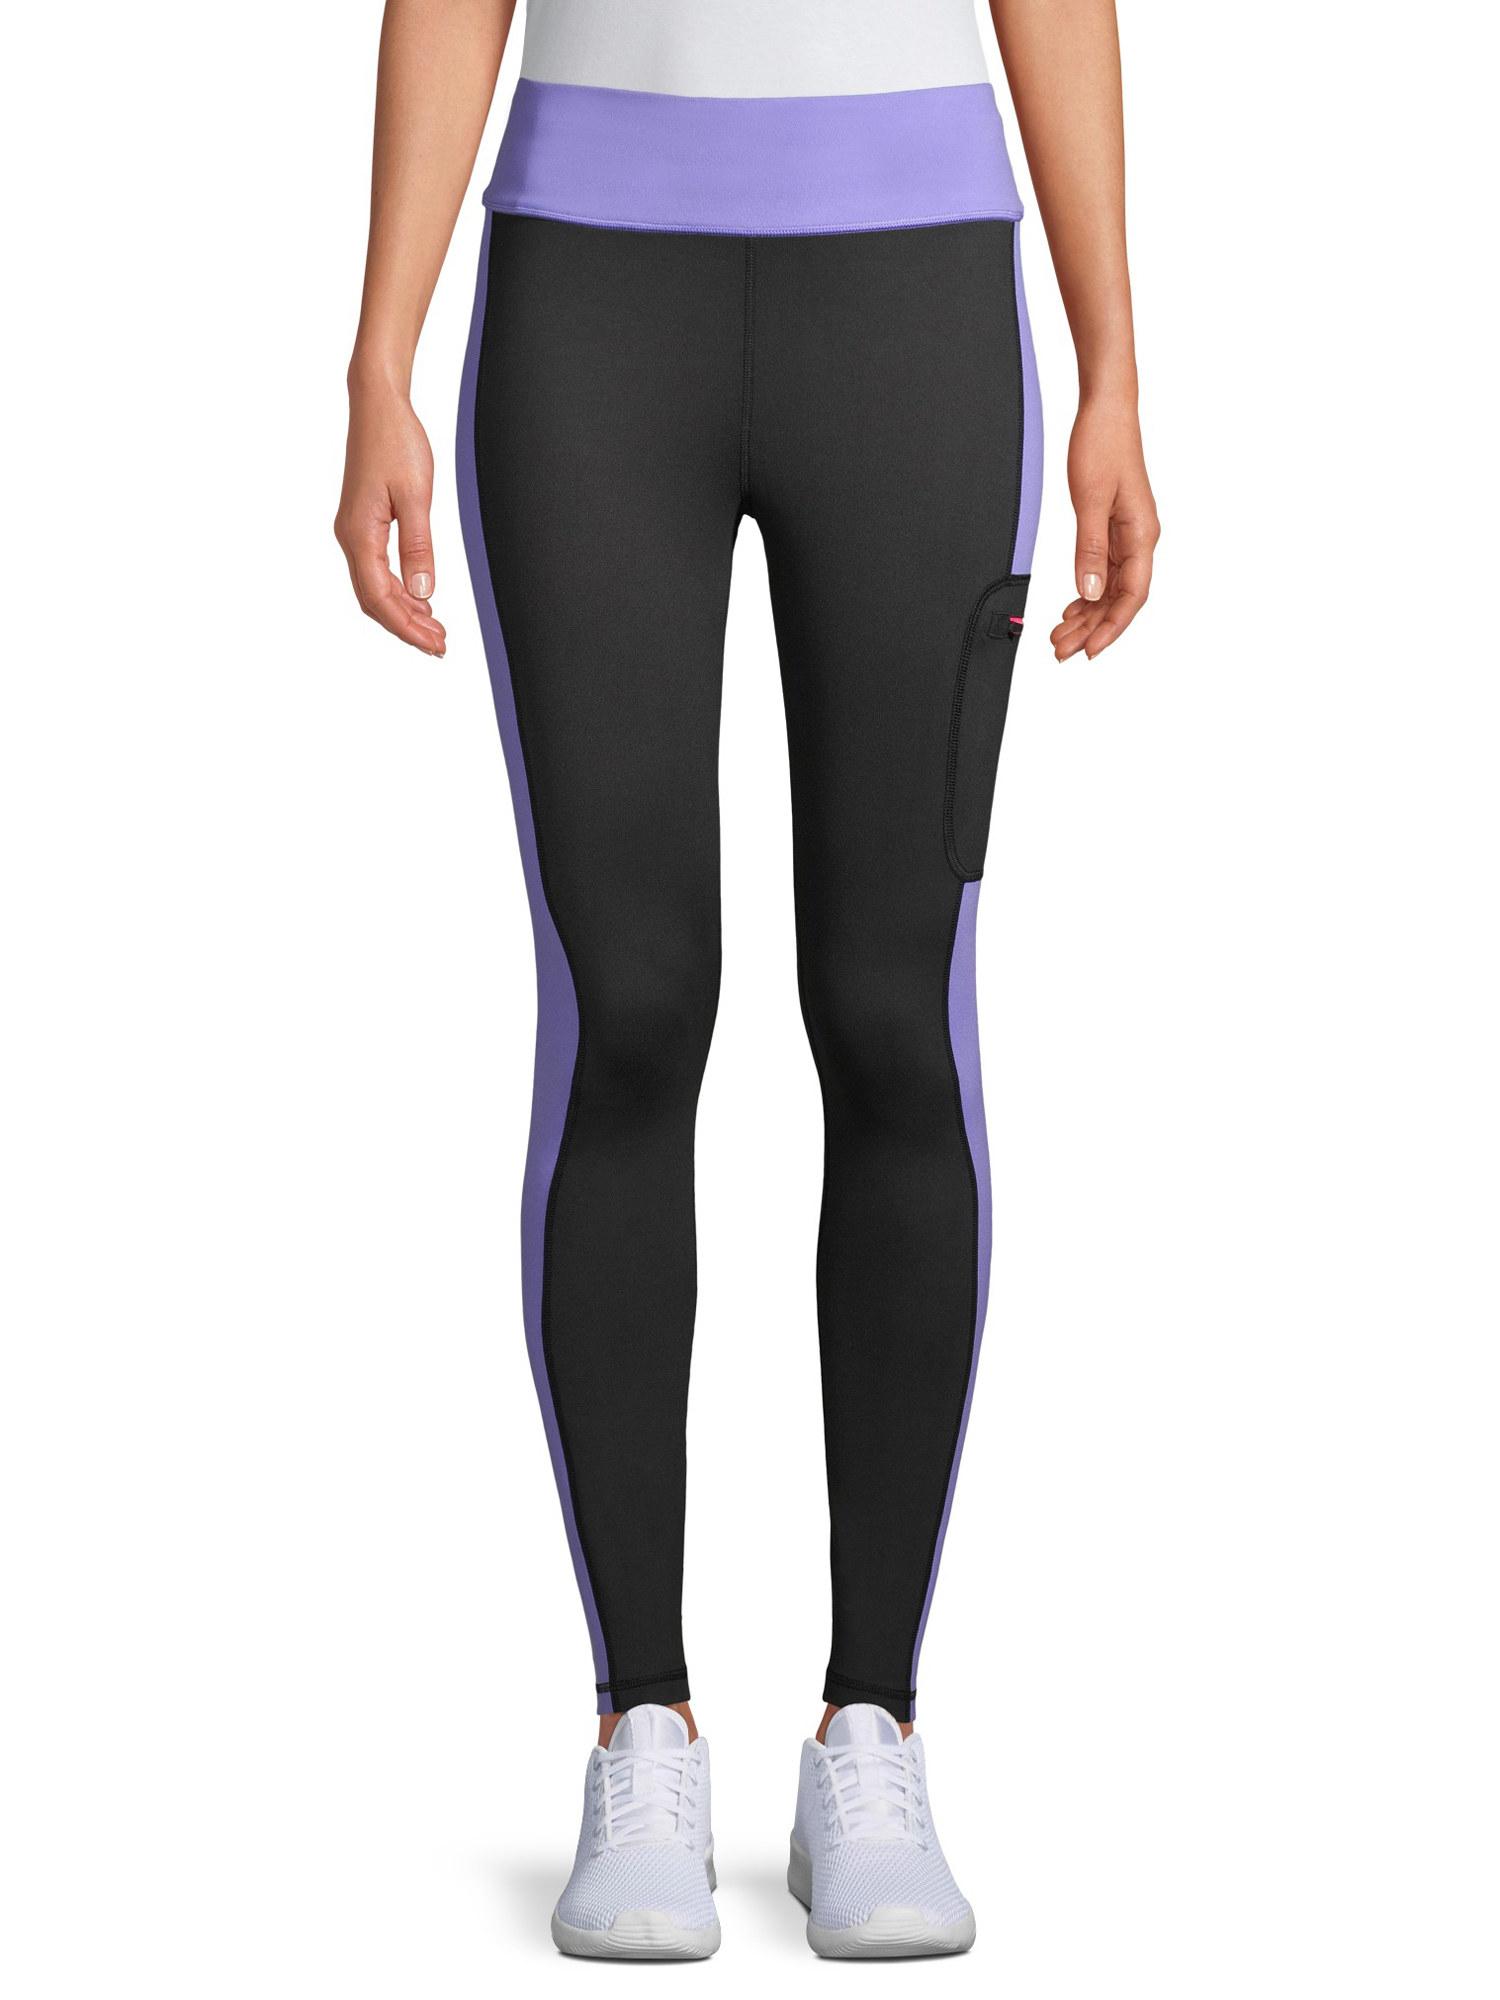 model wearing purple and black leggings